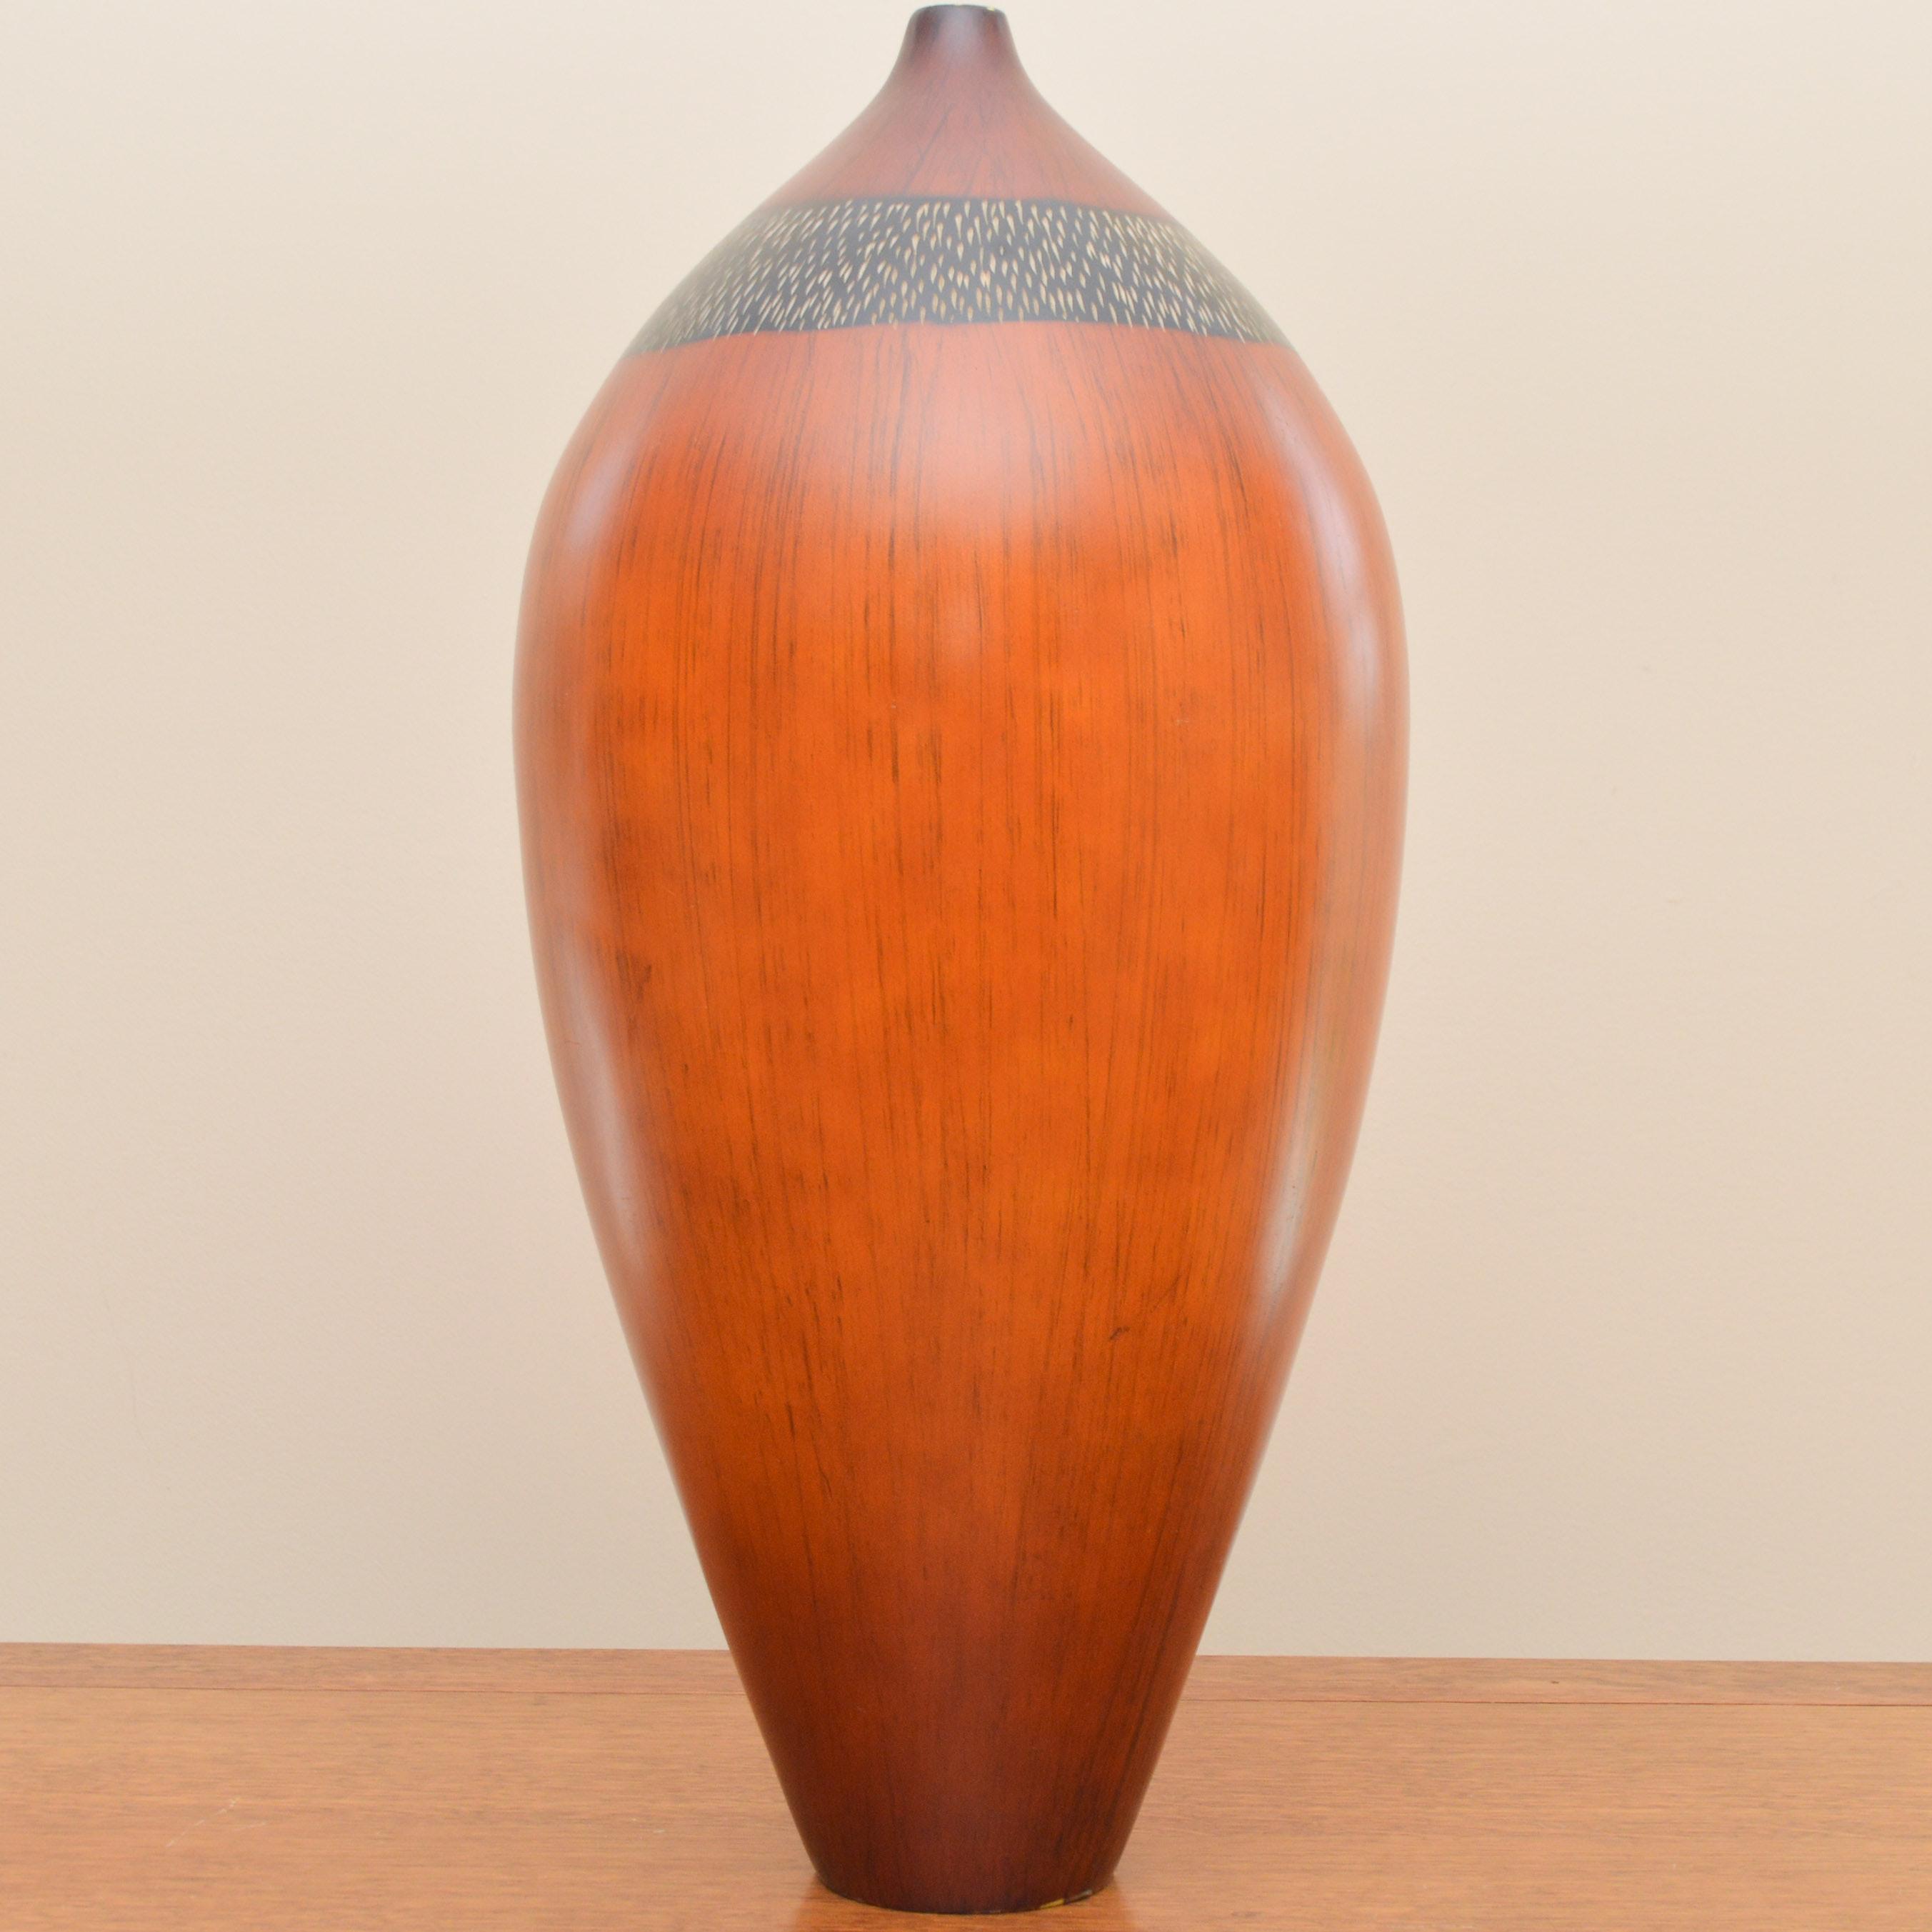 Unique Wood Carved Vase